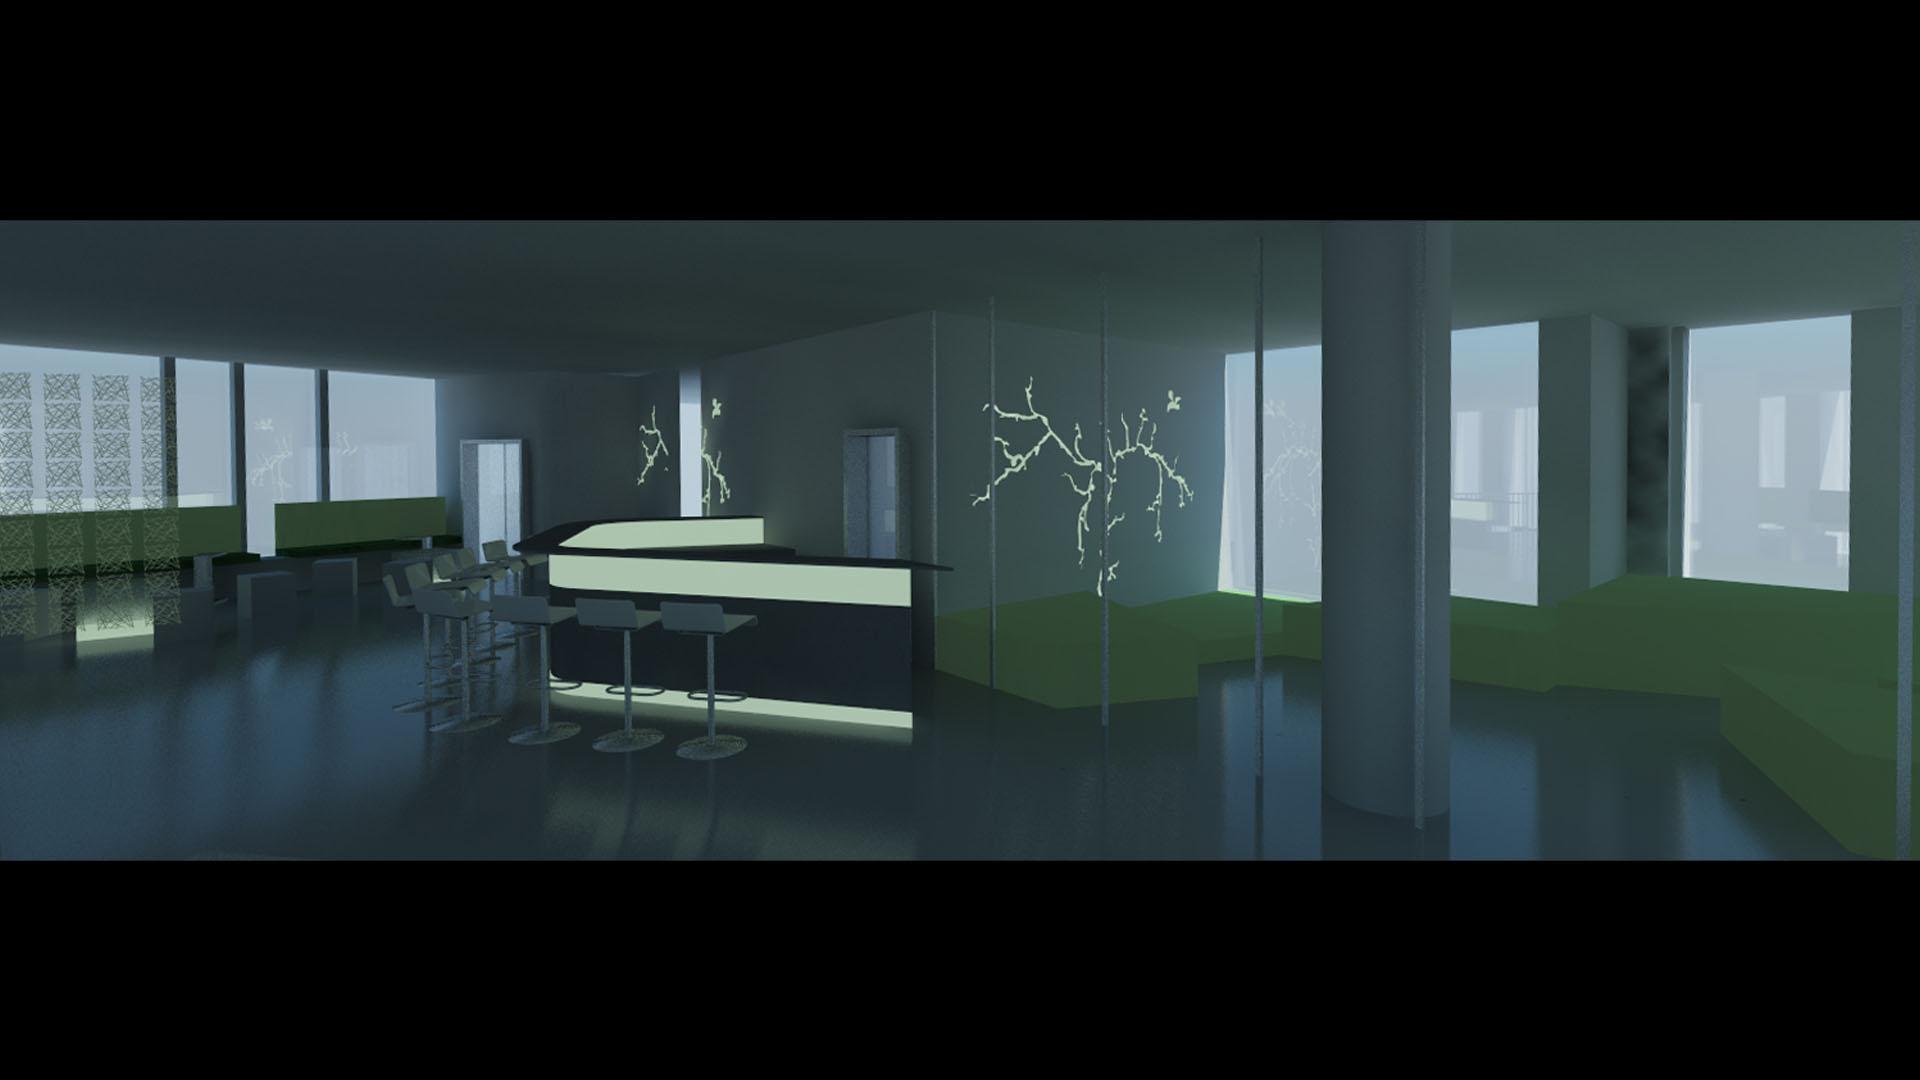 MAASS-Lichtplanung_Gestaltungskonzept Bar__MAASS-Poseidon-Bar-003